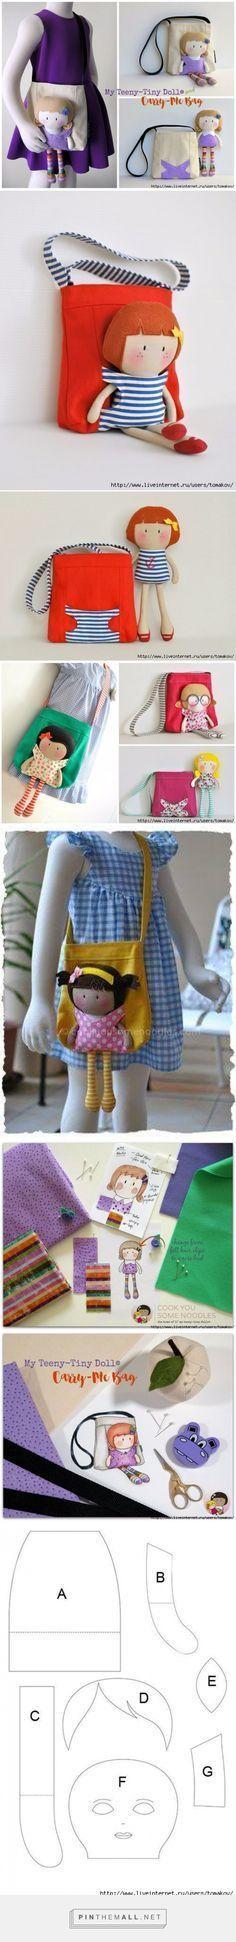 Esta divertida bolsa está diseñada para traer siempre a su lado a su inseparable amiga. #bolsa #proyecto #costura #manualidadesinfantiles